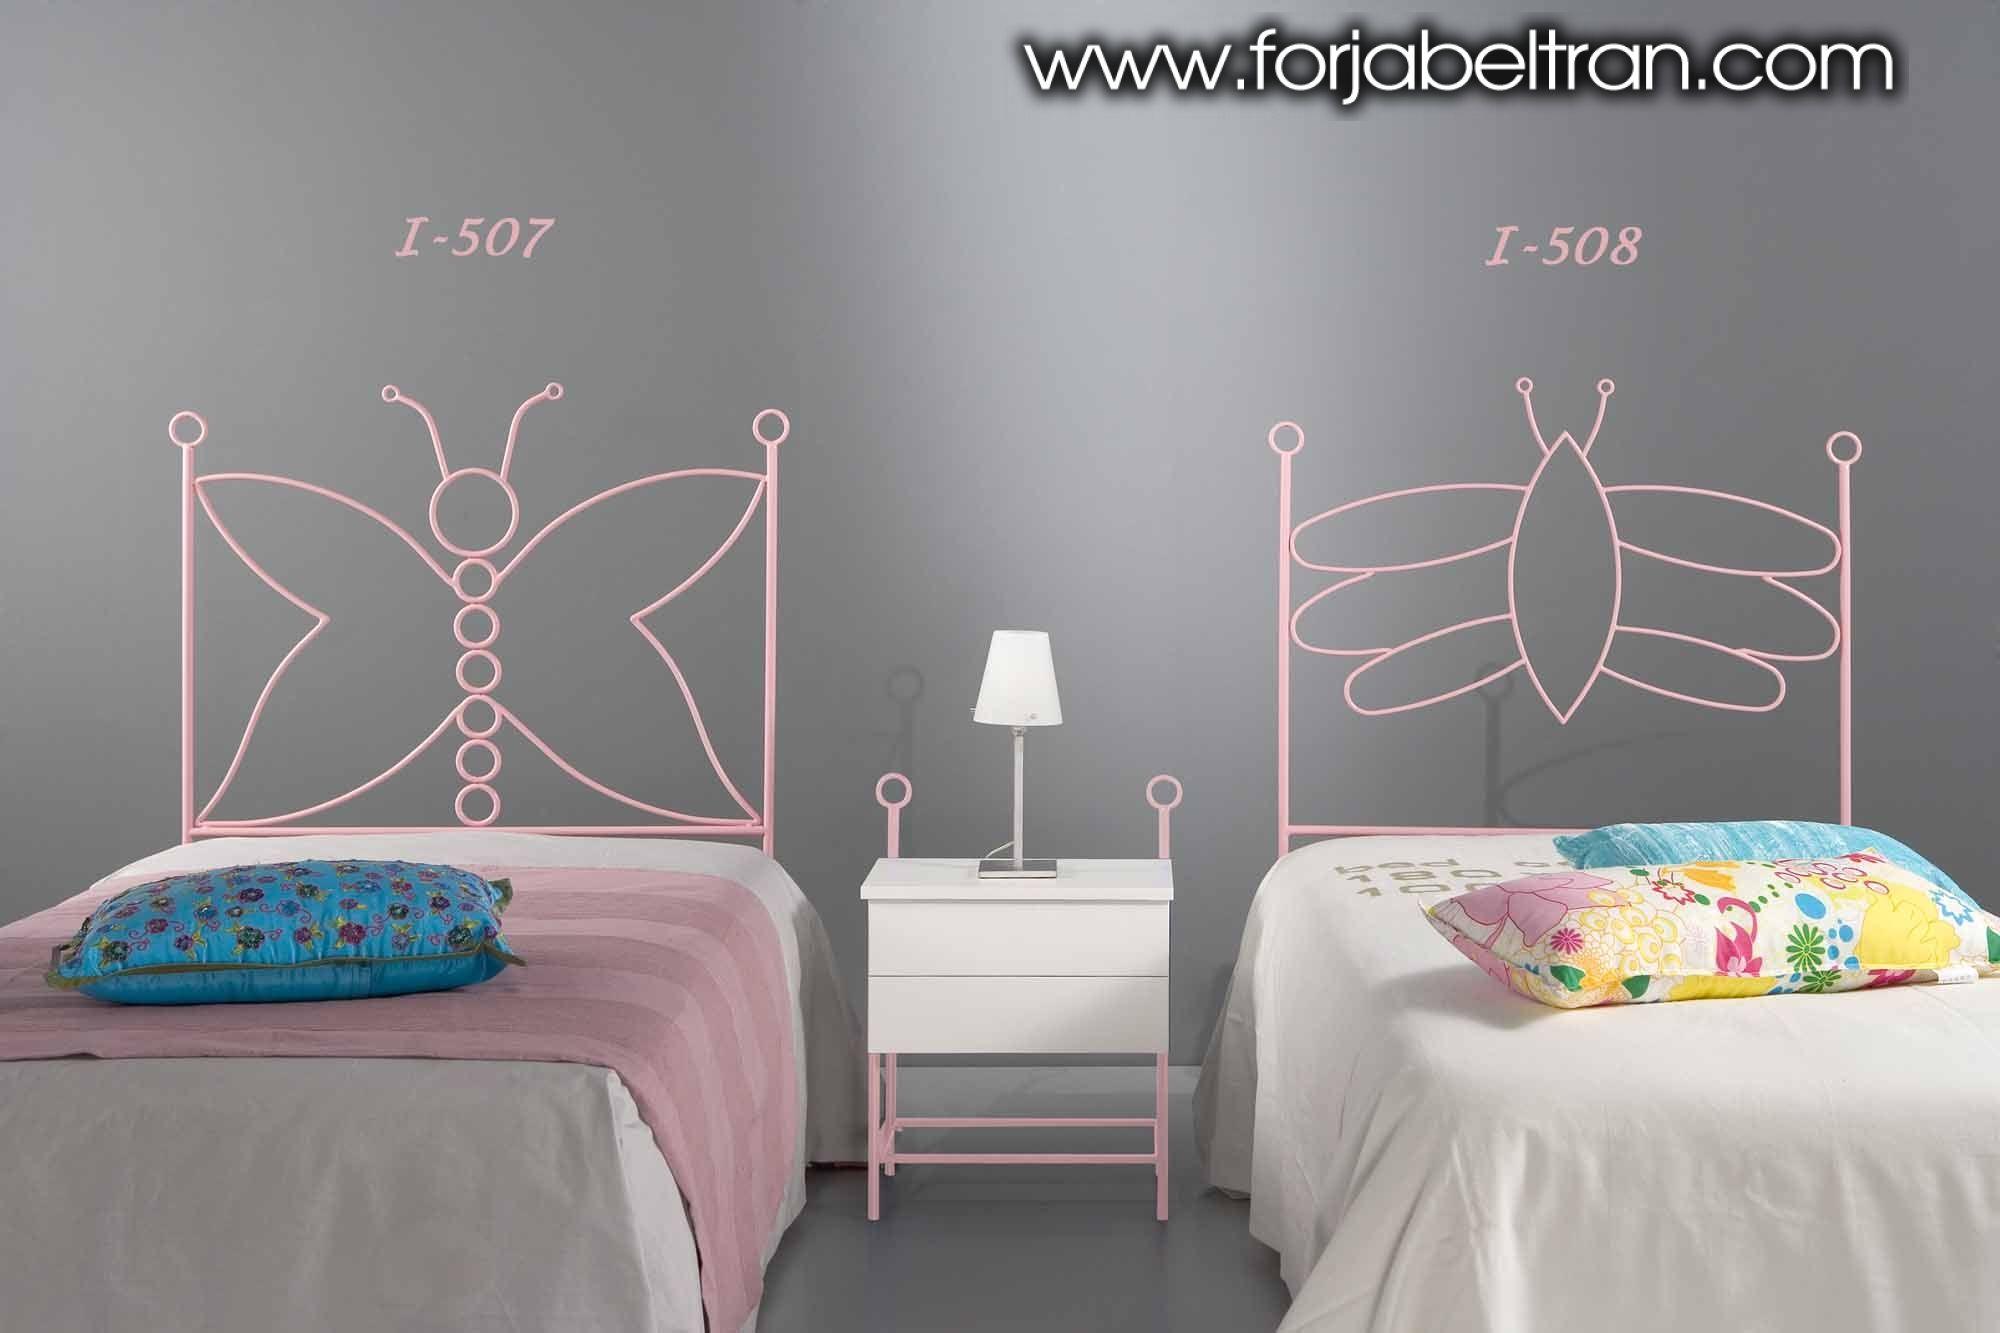 dormitorios infantiles cabecero modelo mariposa ind y abeja decoracin beltrn tu tienda online